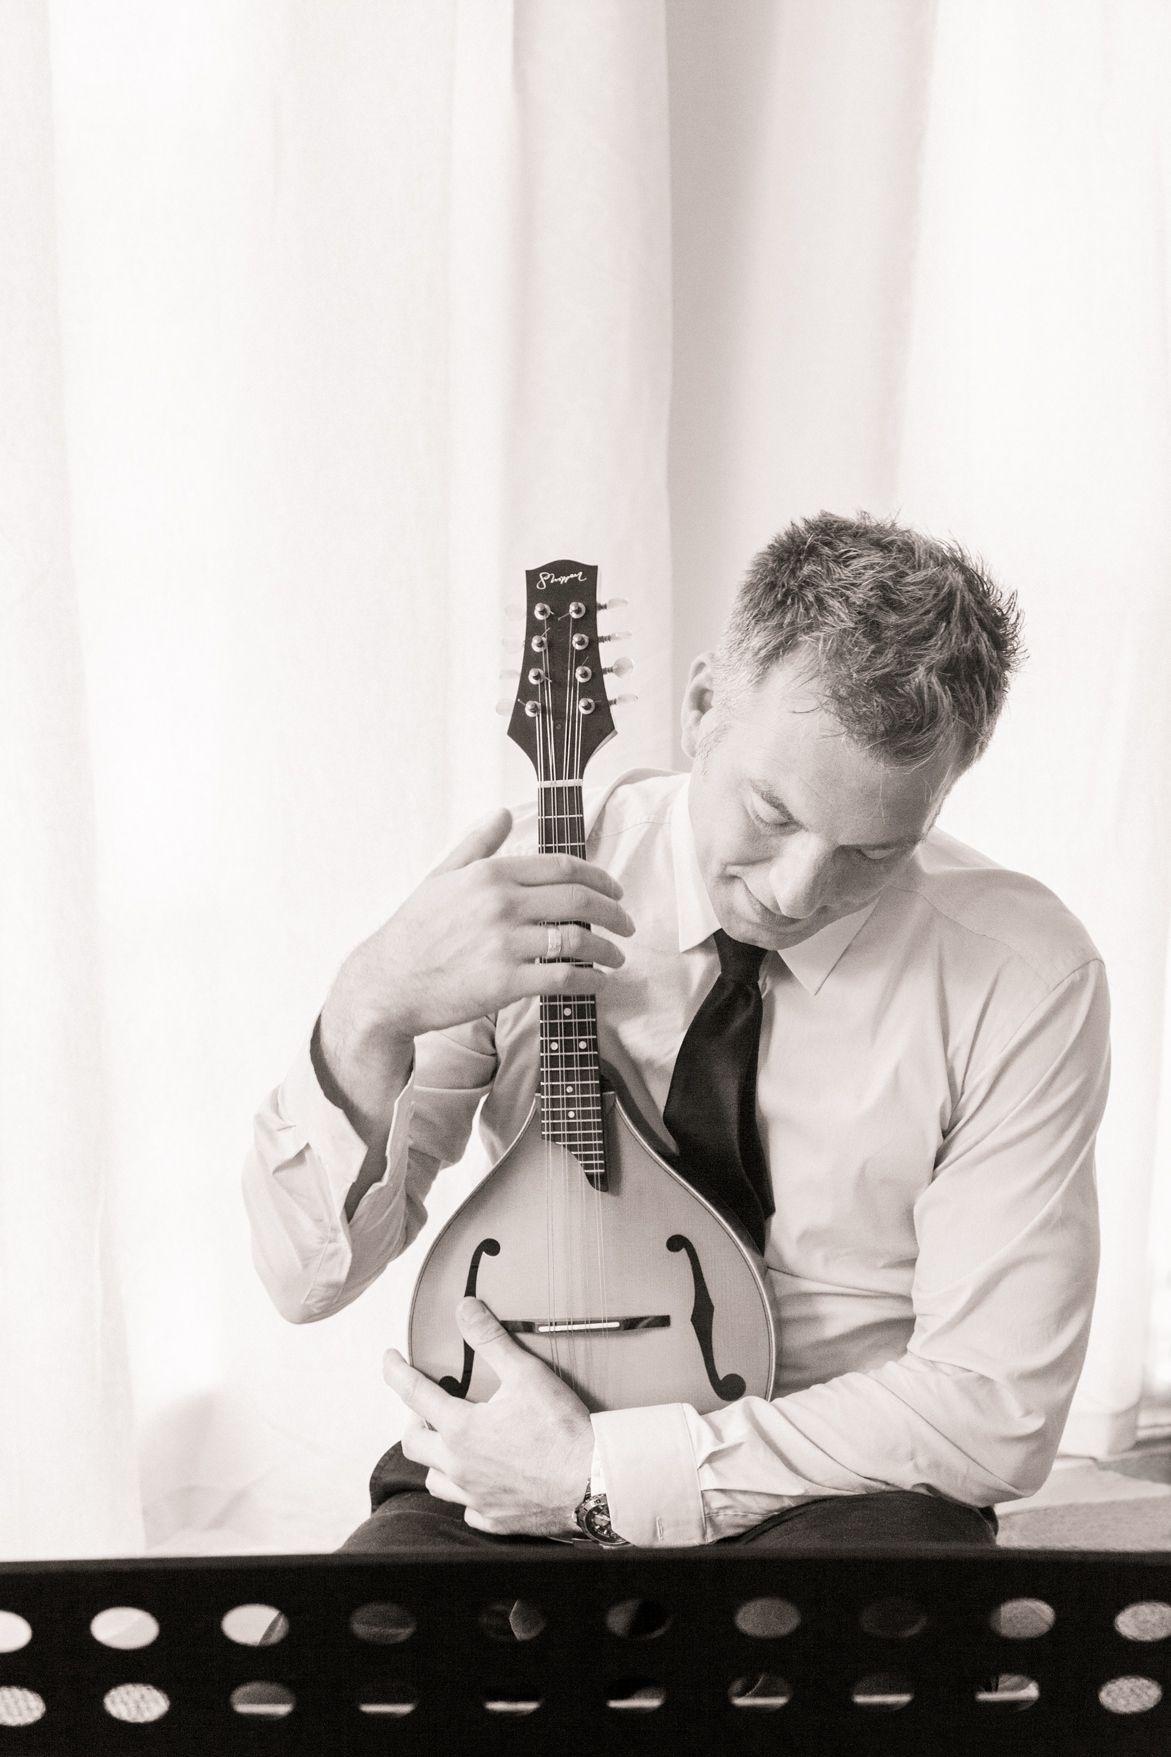 Joel McDermott Devon Wedding Music MusicMandolinDevon